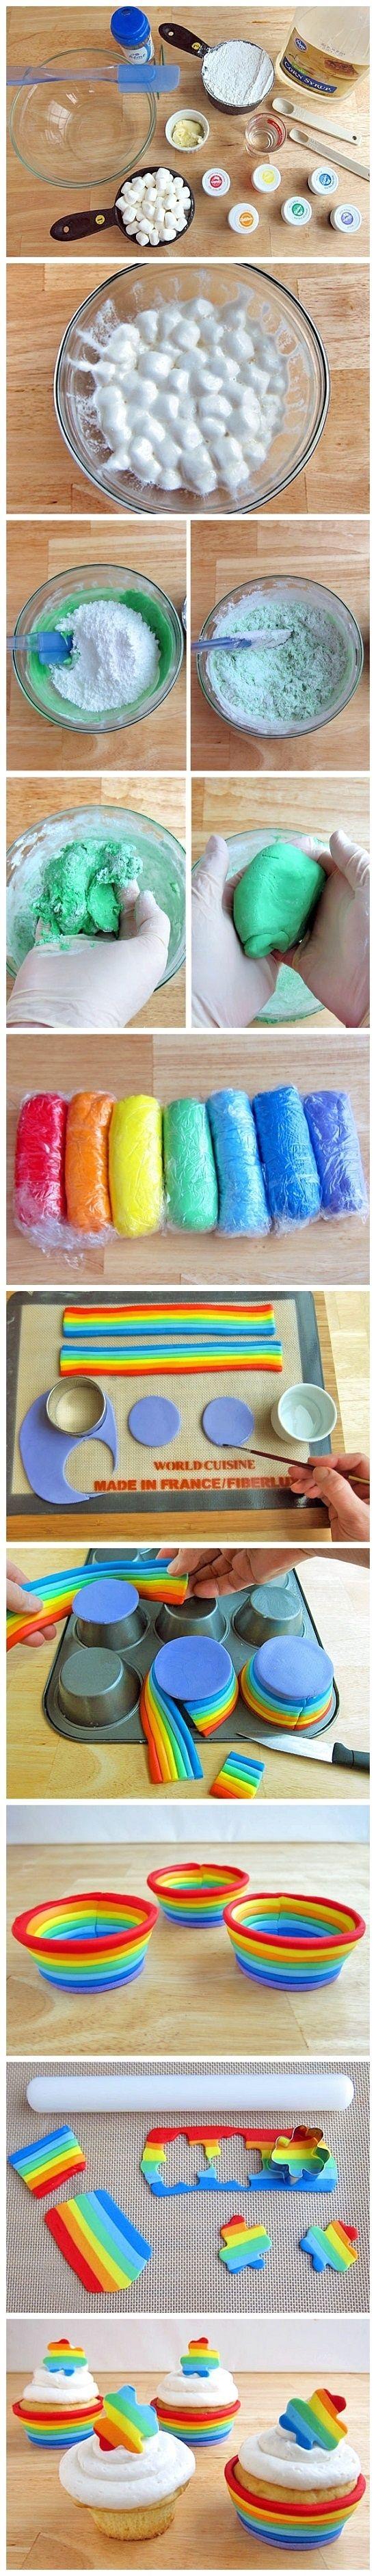 Hacemos recipientes de colores con fondant de esponjitas.